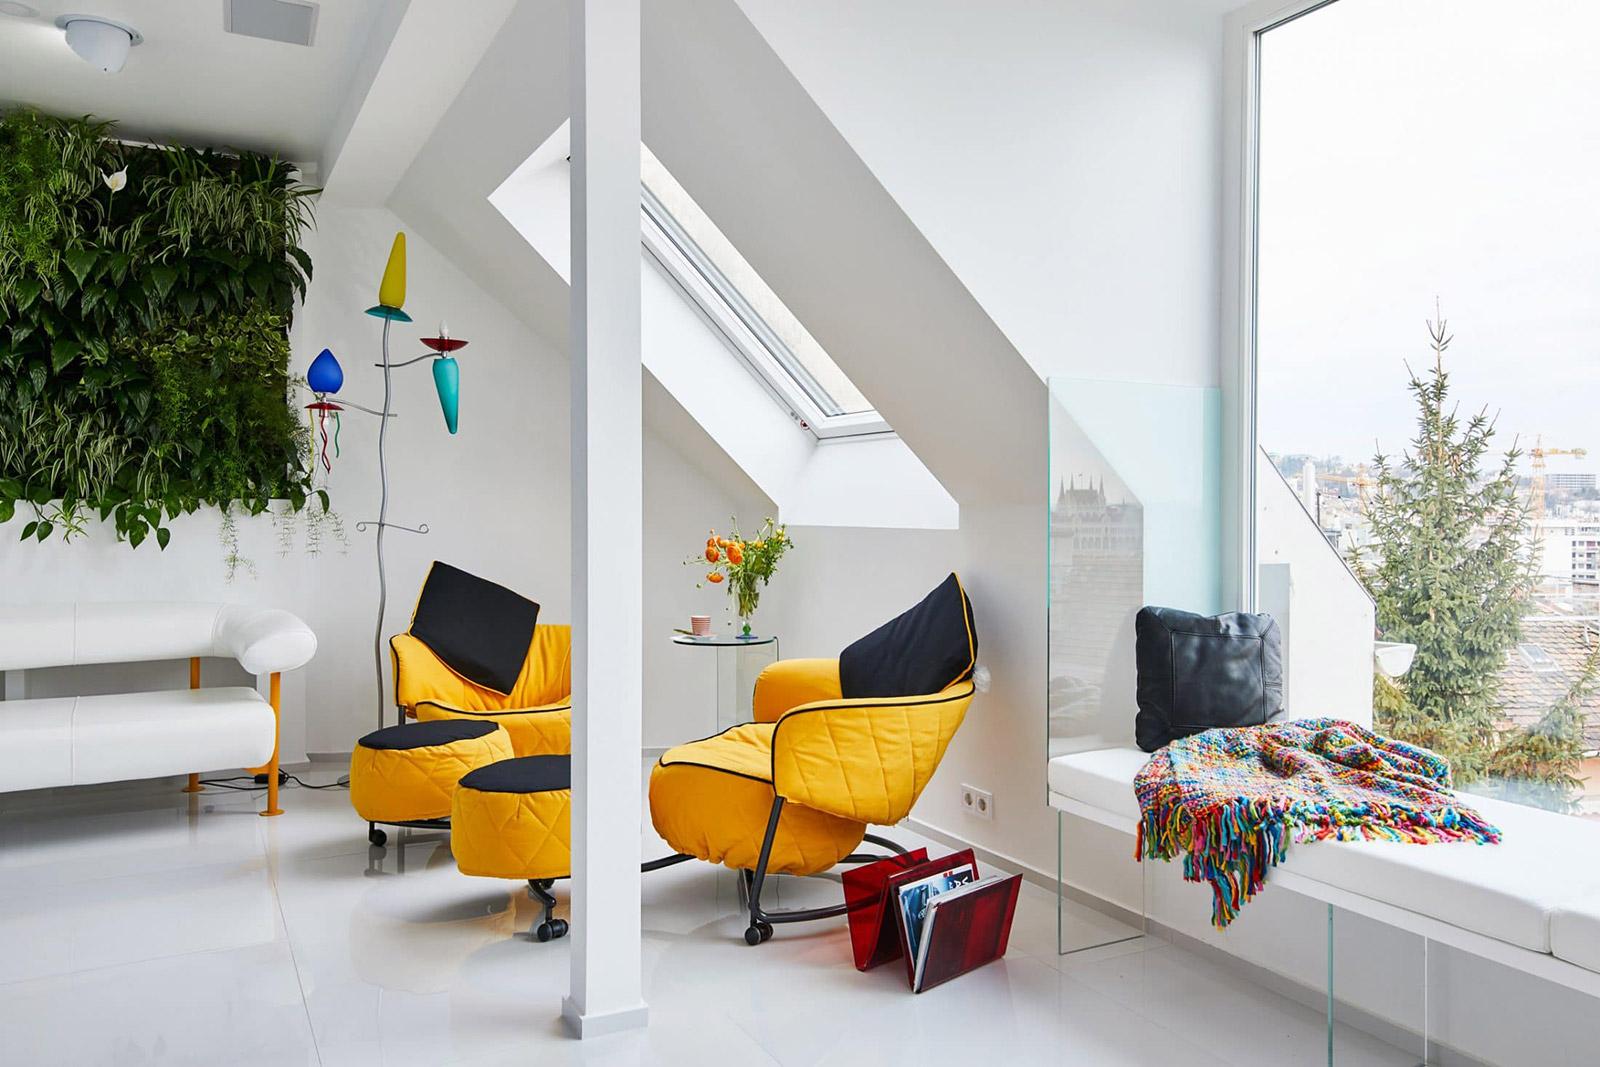 culori-tari-si-perete-vegetal-intr-un-apartament-modern-din-budapesta